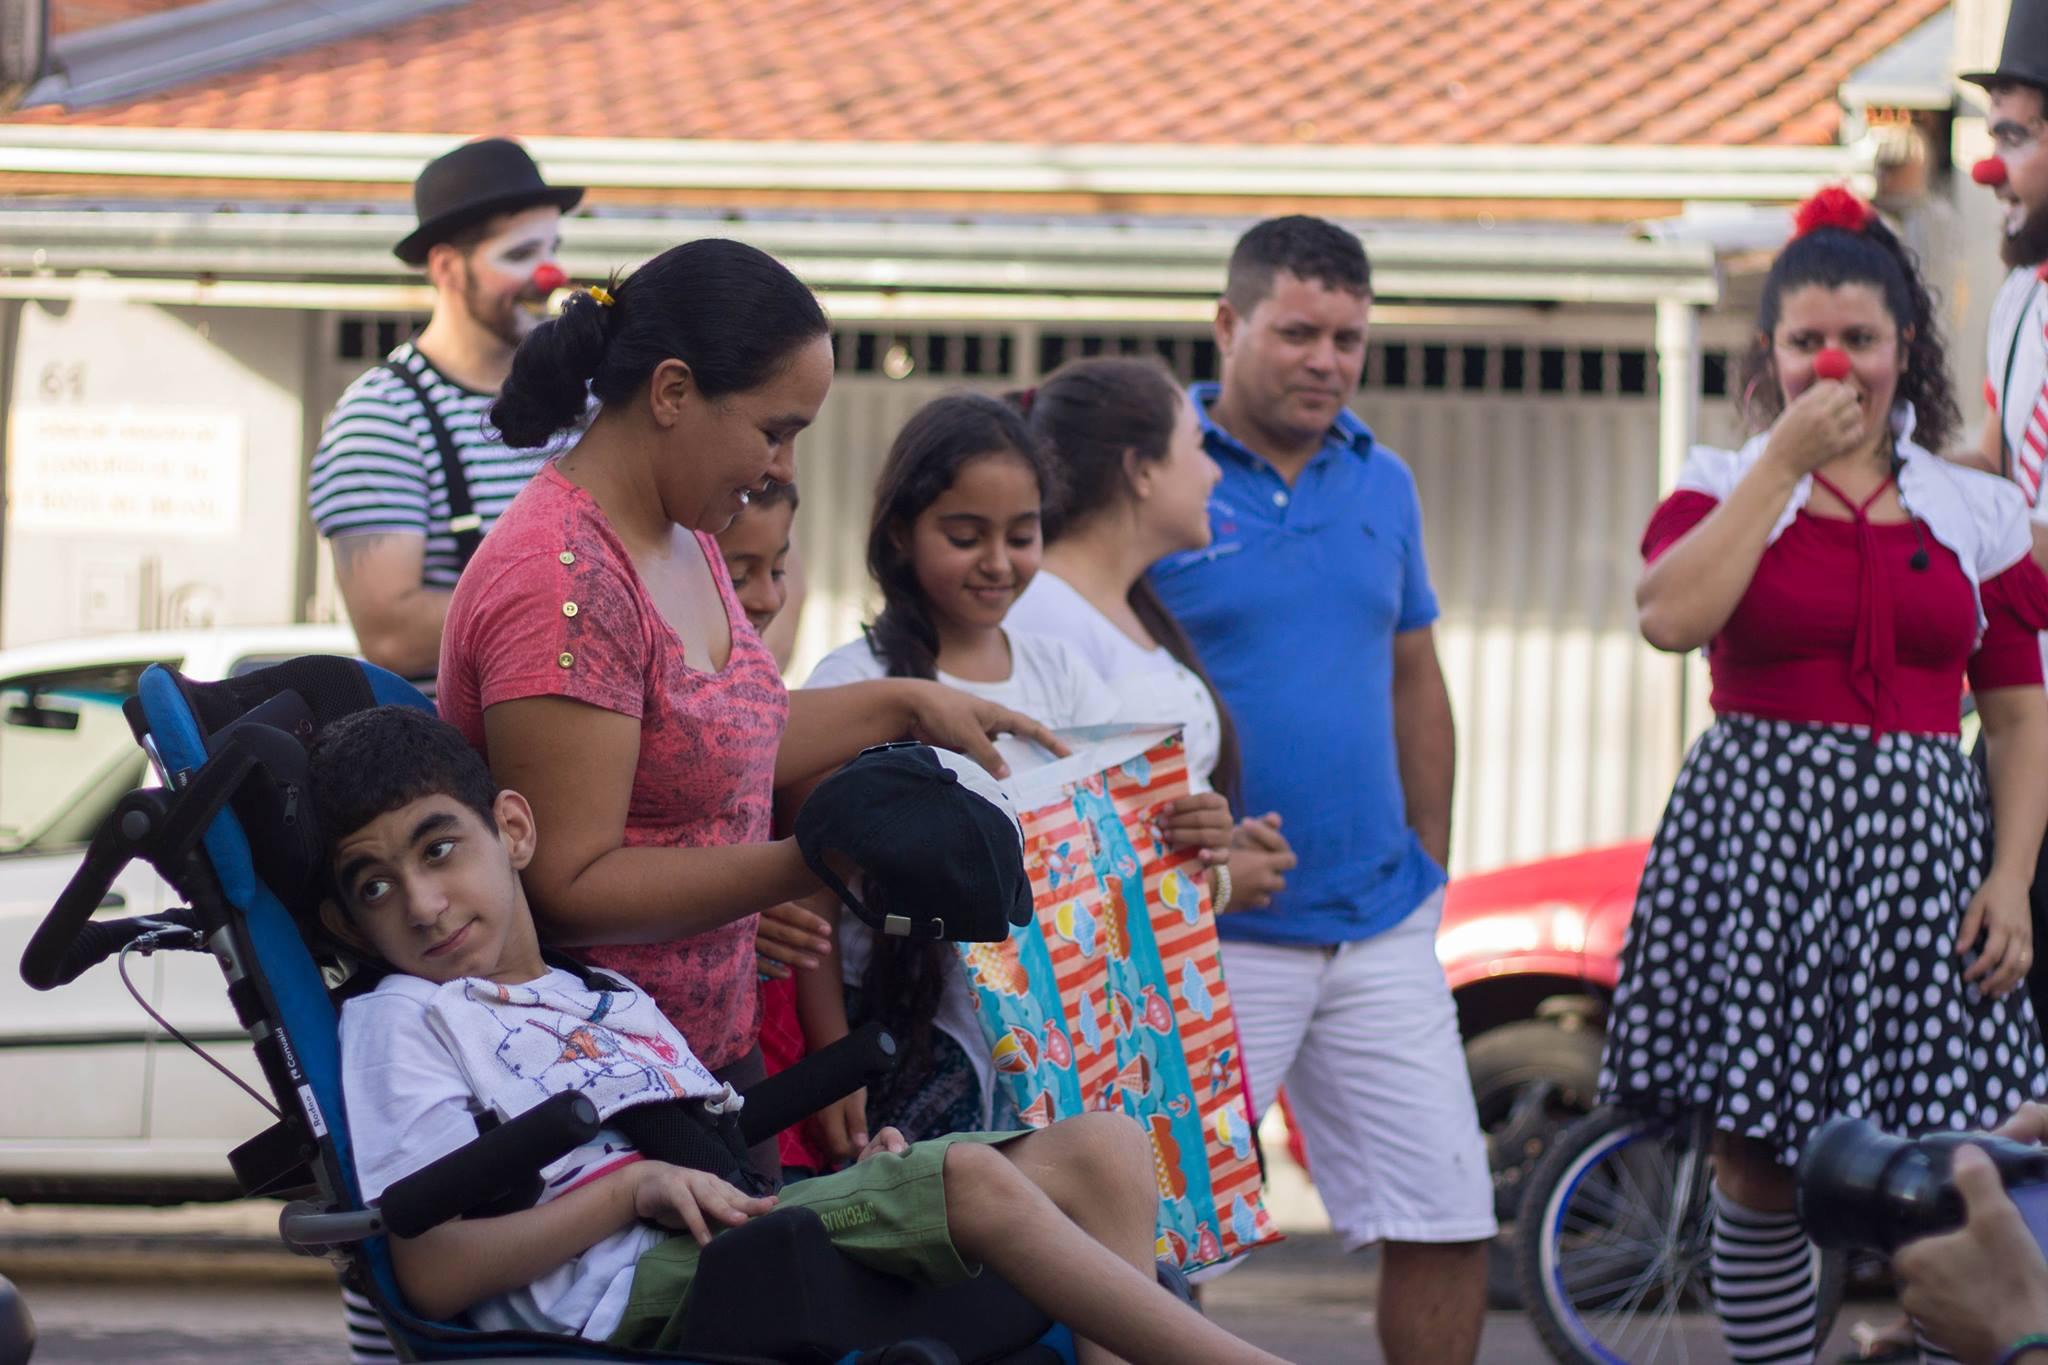 Trupe de palhaços faz apresentação na frente da casa de menino que não pode andar 5